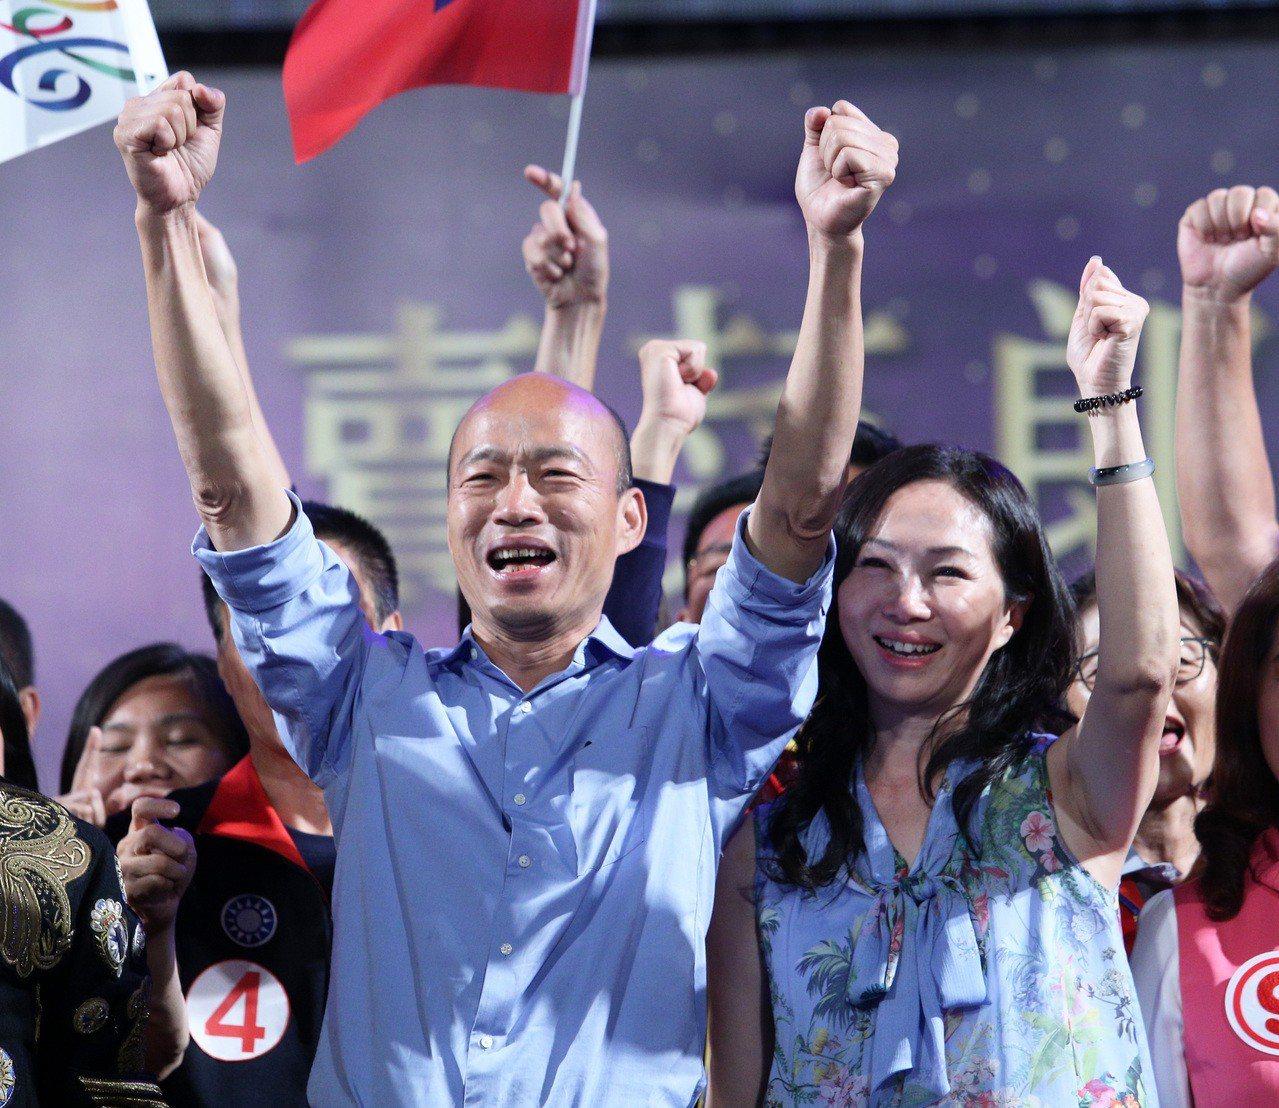 高雄市長韓國瑜(左)去年選前之夜造勢,與妻子李佳芬一起上台,宣示將翻轉高雄。 圖...